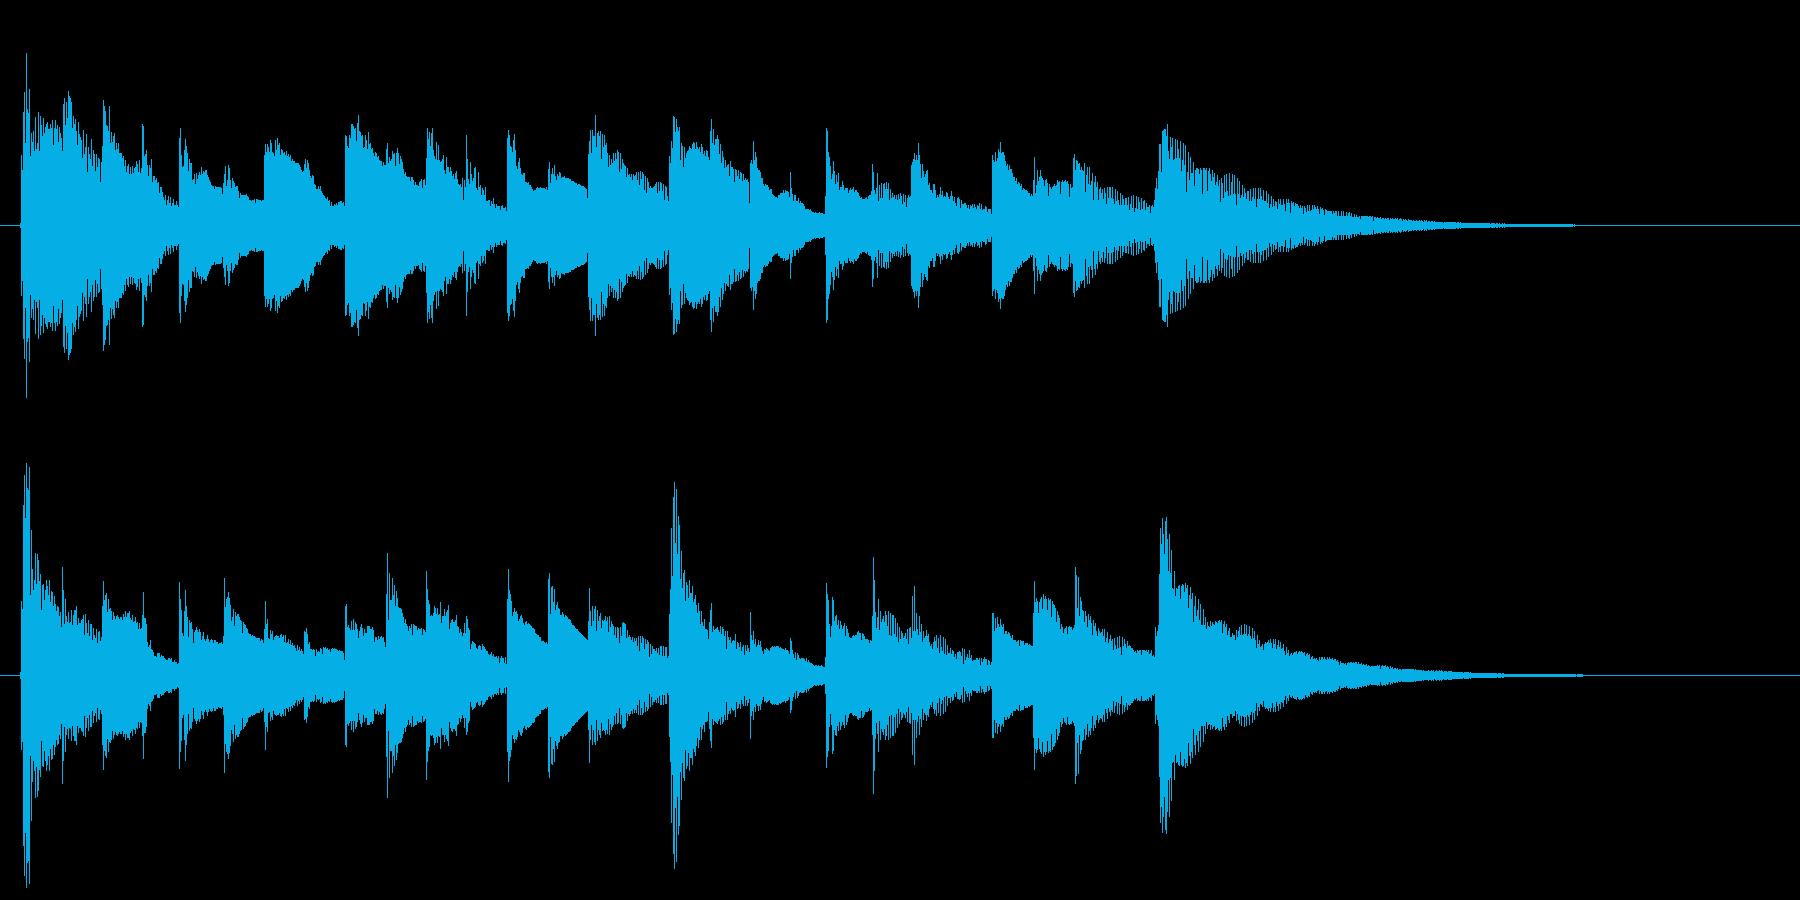 切ないガットギターのジングル 19秒の再生済みの波形